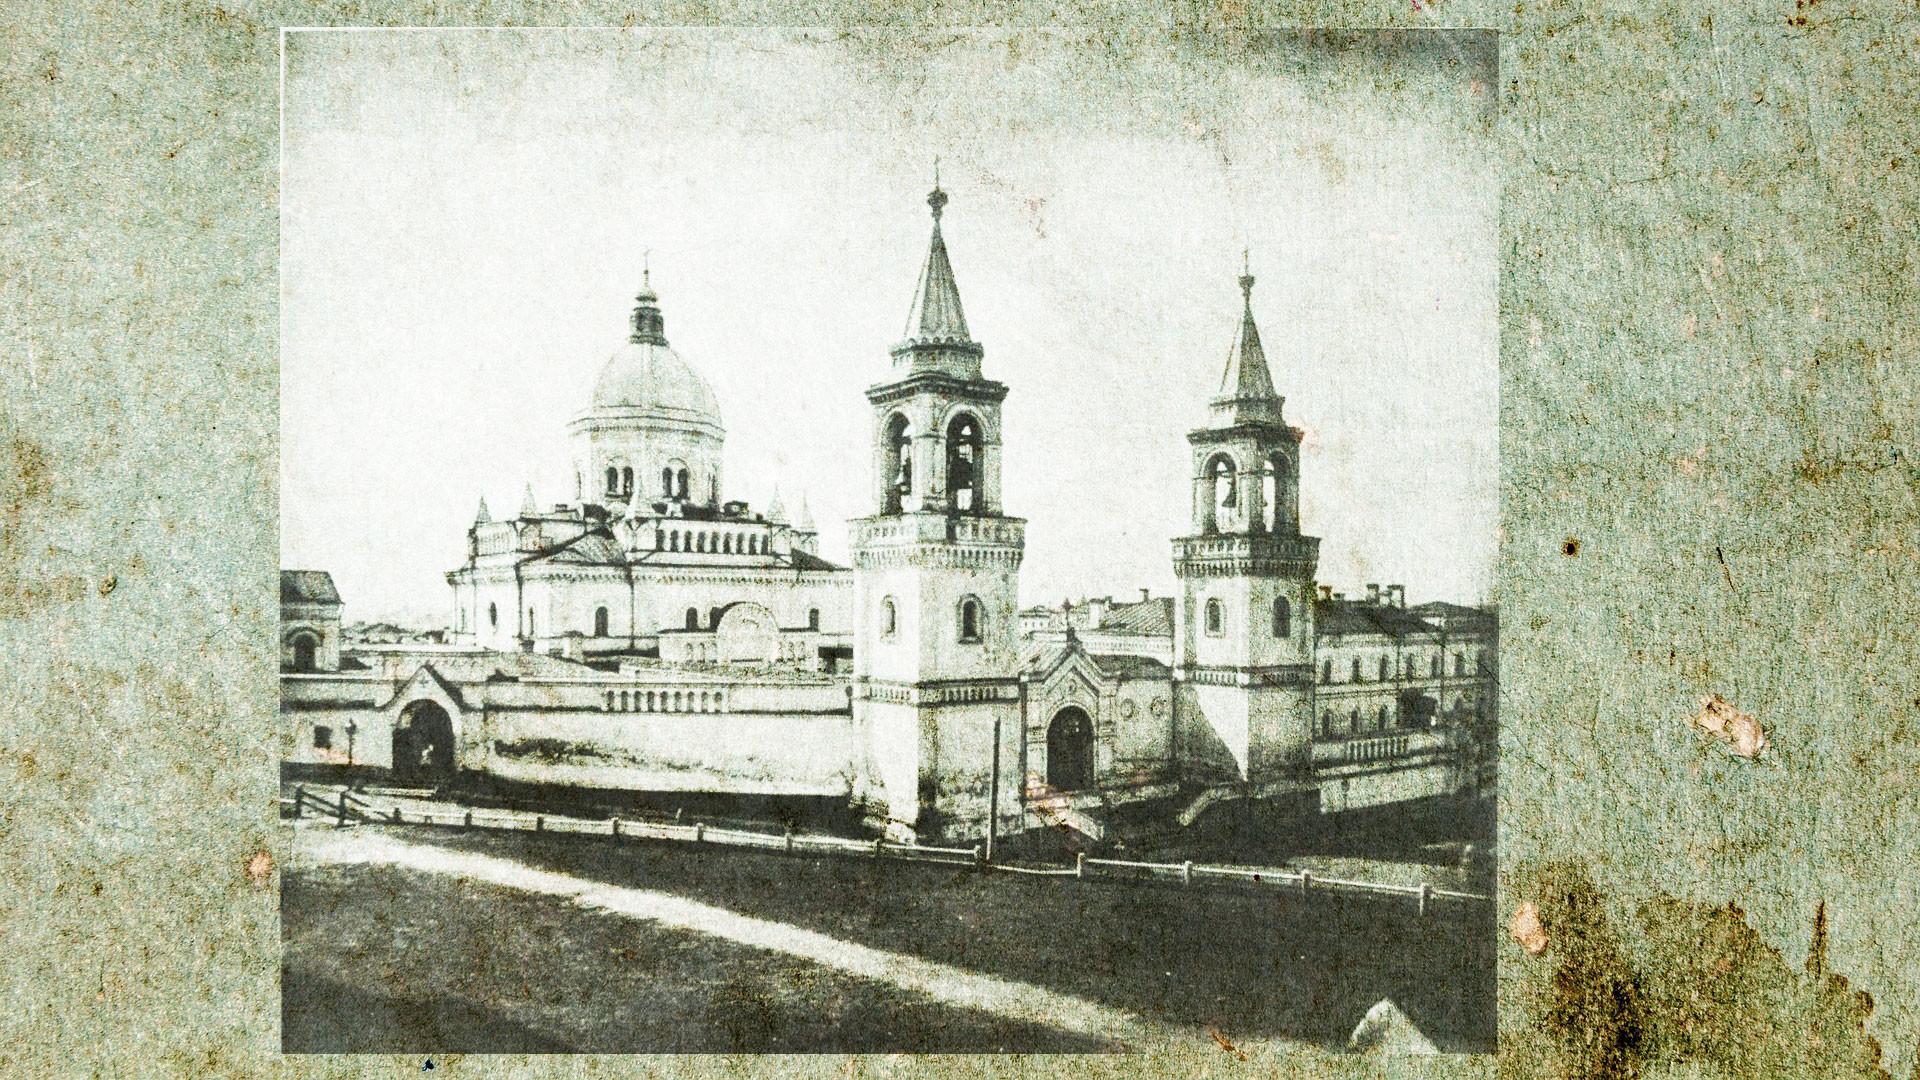 Иоанно-Предтеченский женский монастырь, в который заключили Дарью Салтыкову. Коллаж © L!FE. Фото: © wikipedia.org